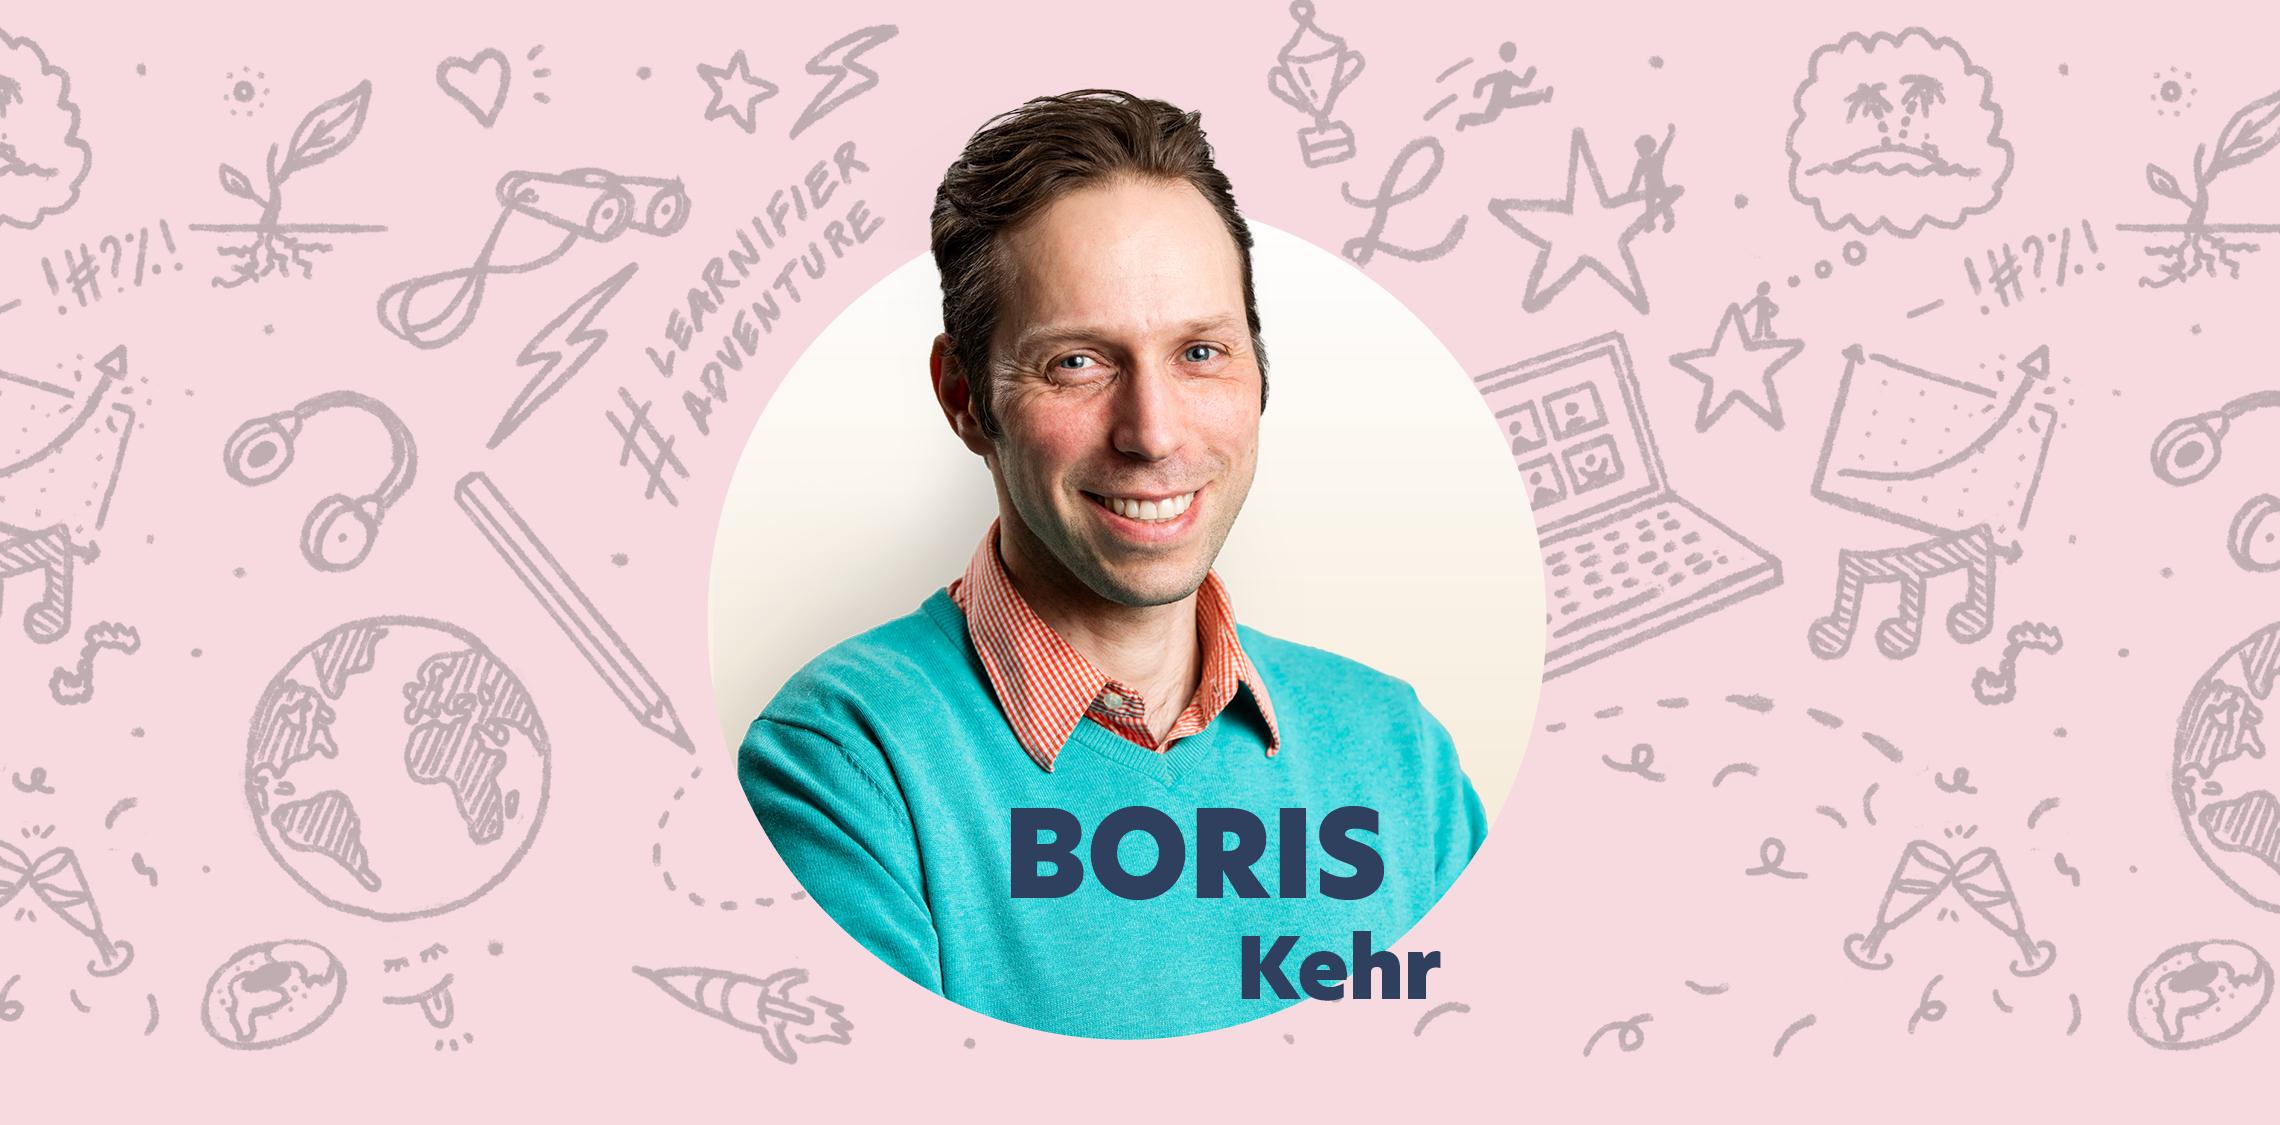 Learnifier Boris Kehr - work station